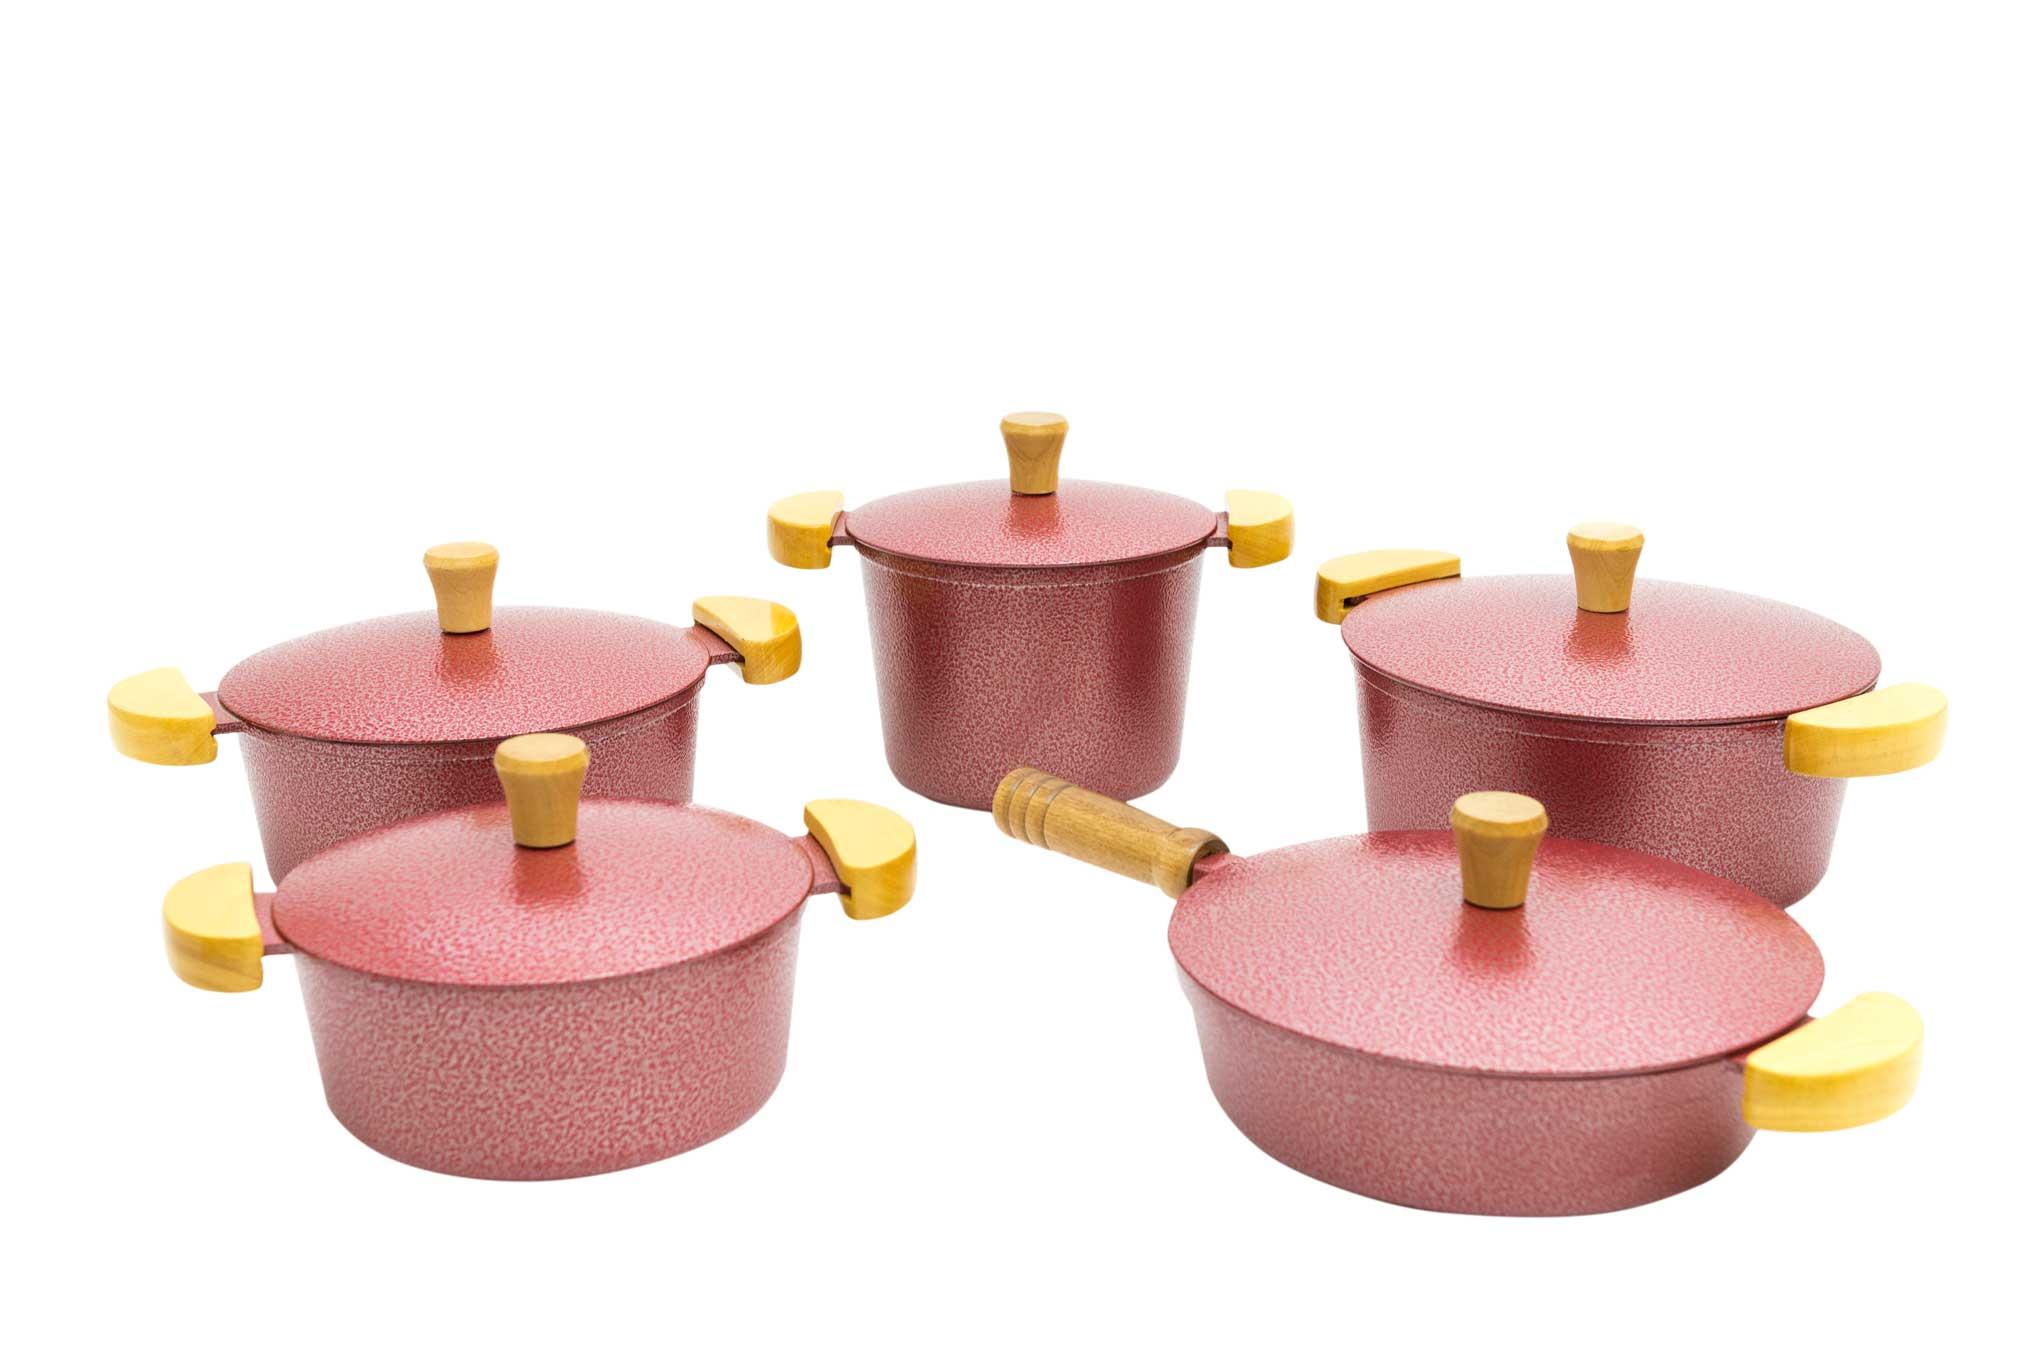 Jogo de Panelas em Alumínio Batido com Frigideira e Caldeirão - Vermelho Craquelado